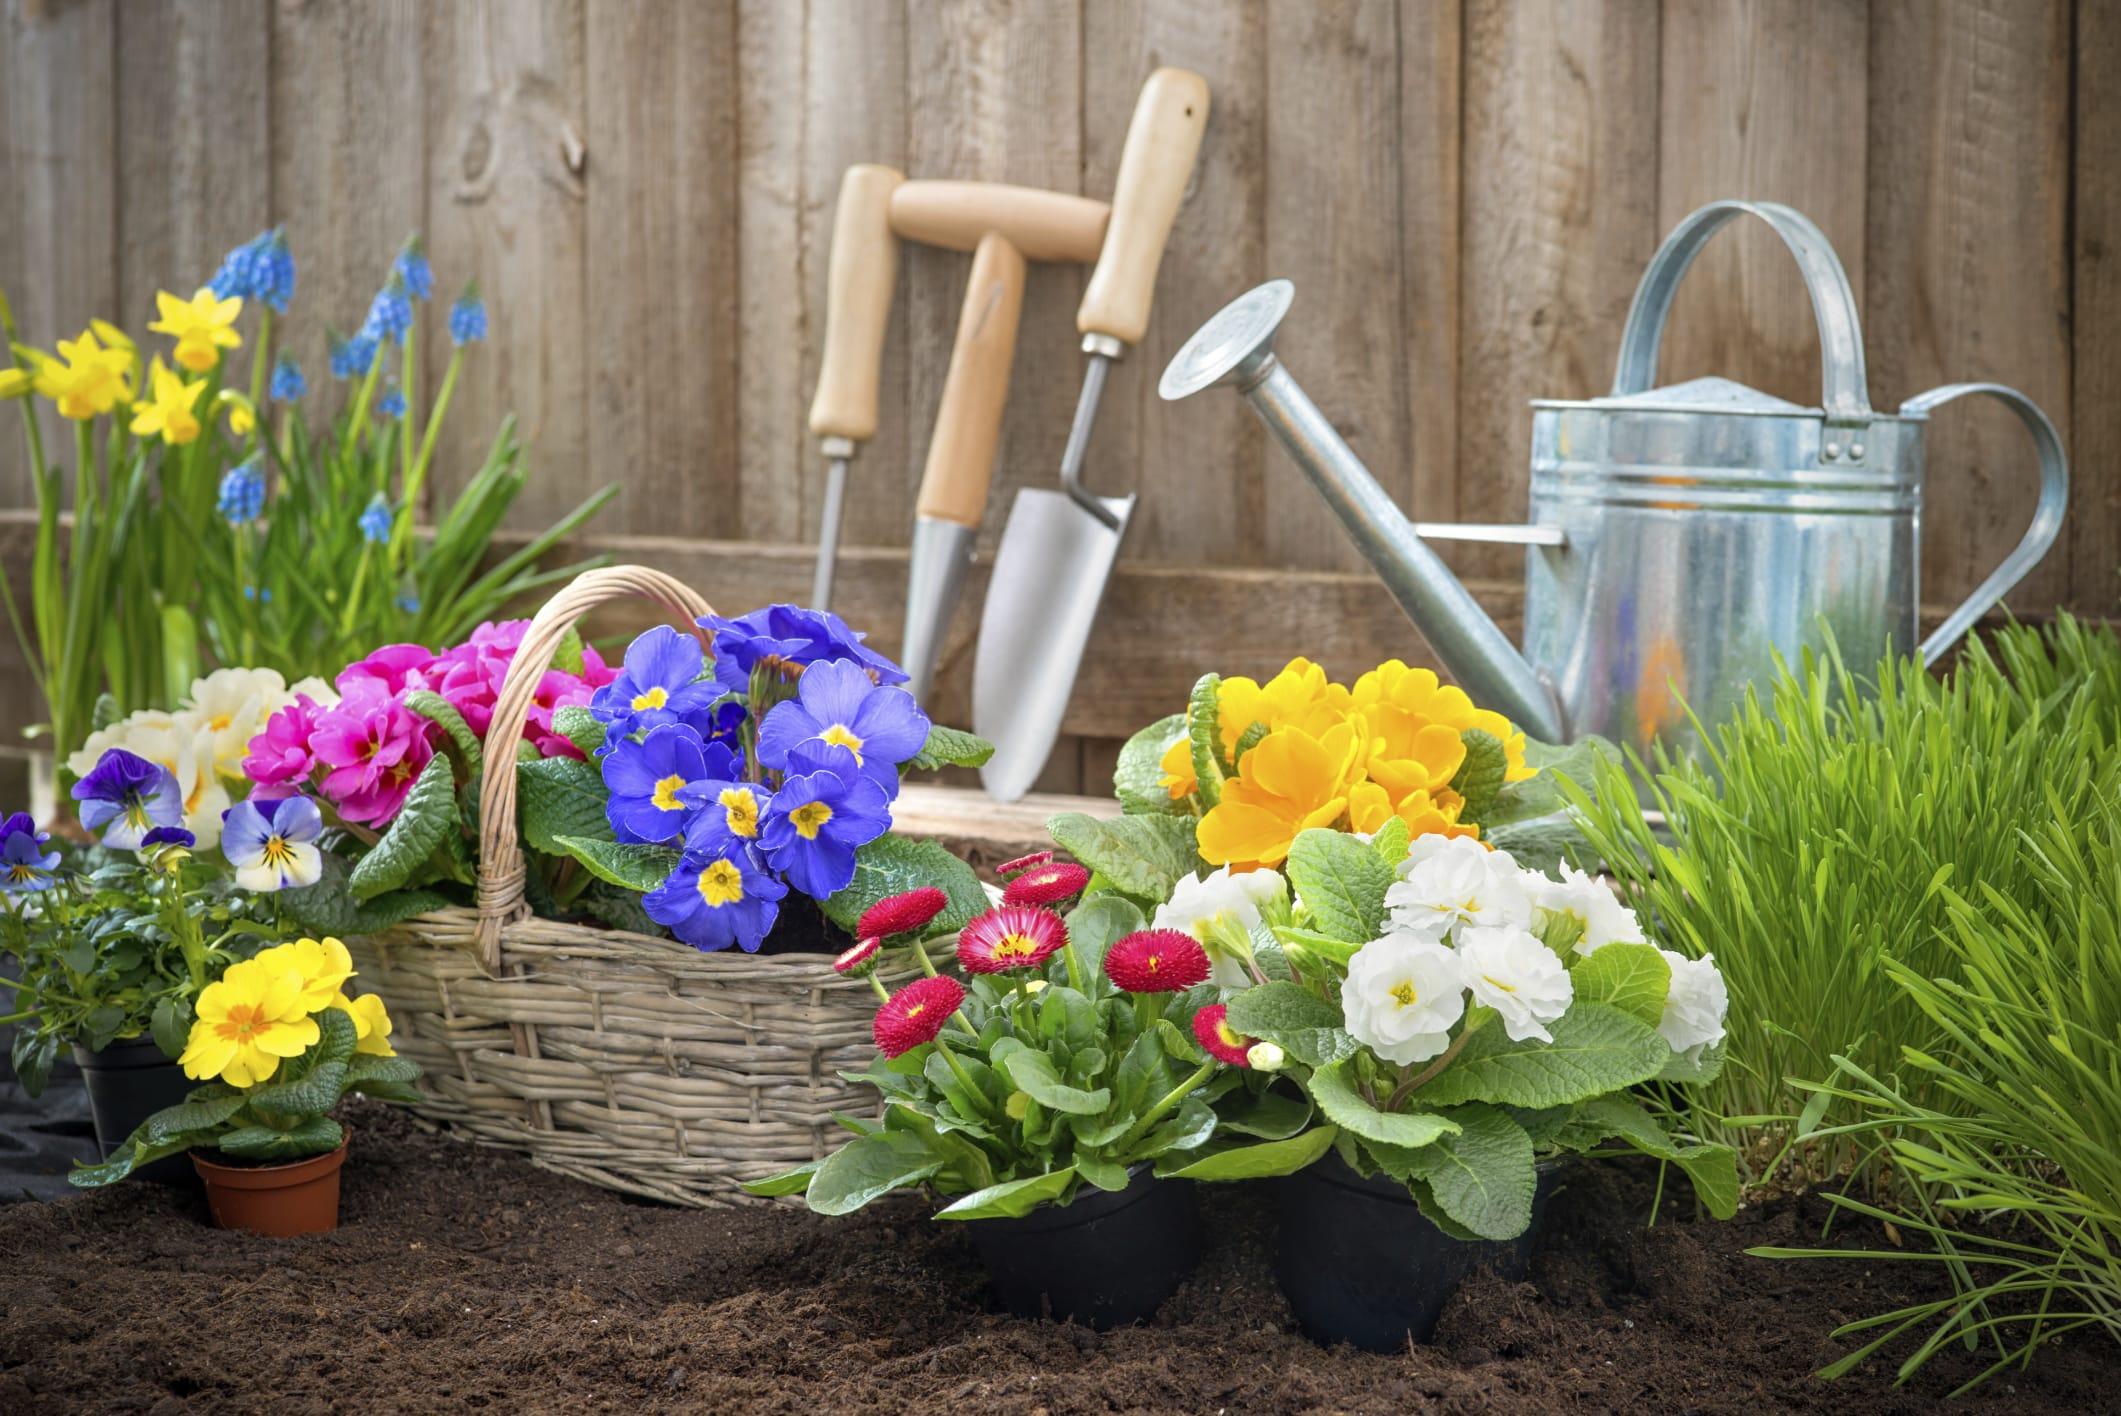 Benefici ortoterapia non sprecare - Grossi fiori da giardino ...